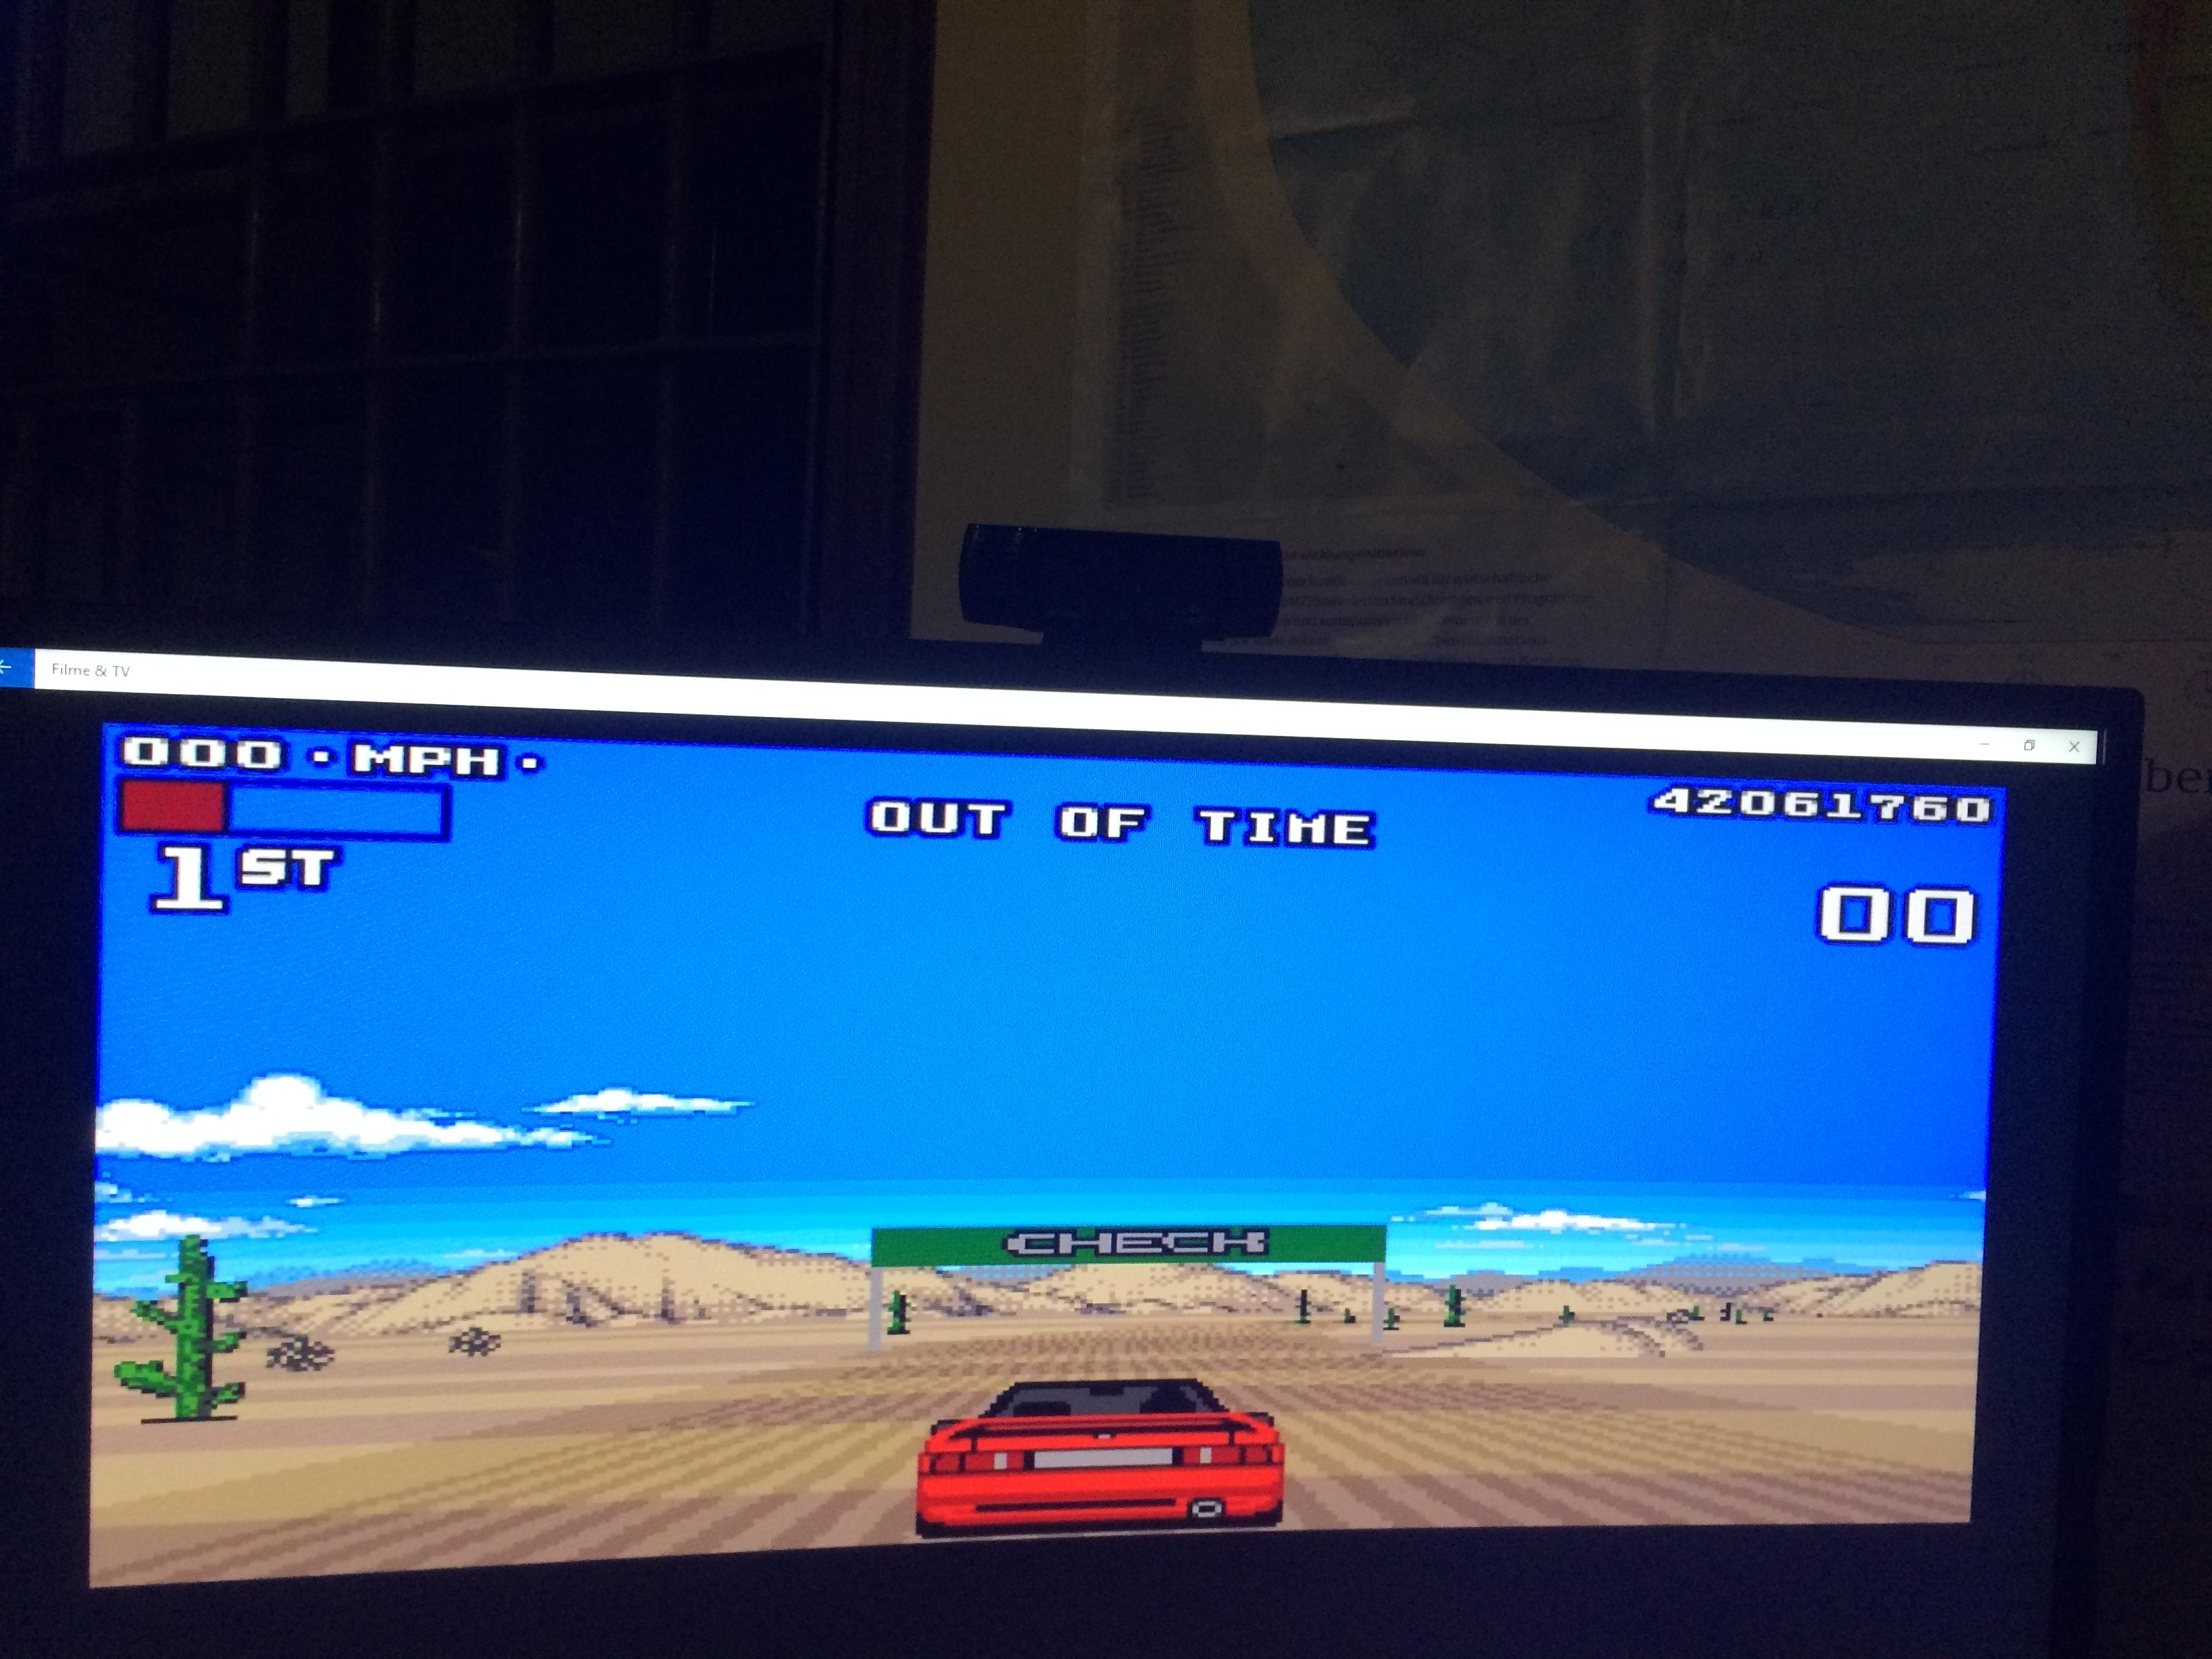 Lotus Turbo Challenge 2 42,061,760 points